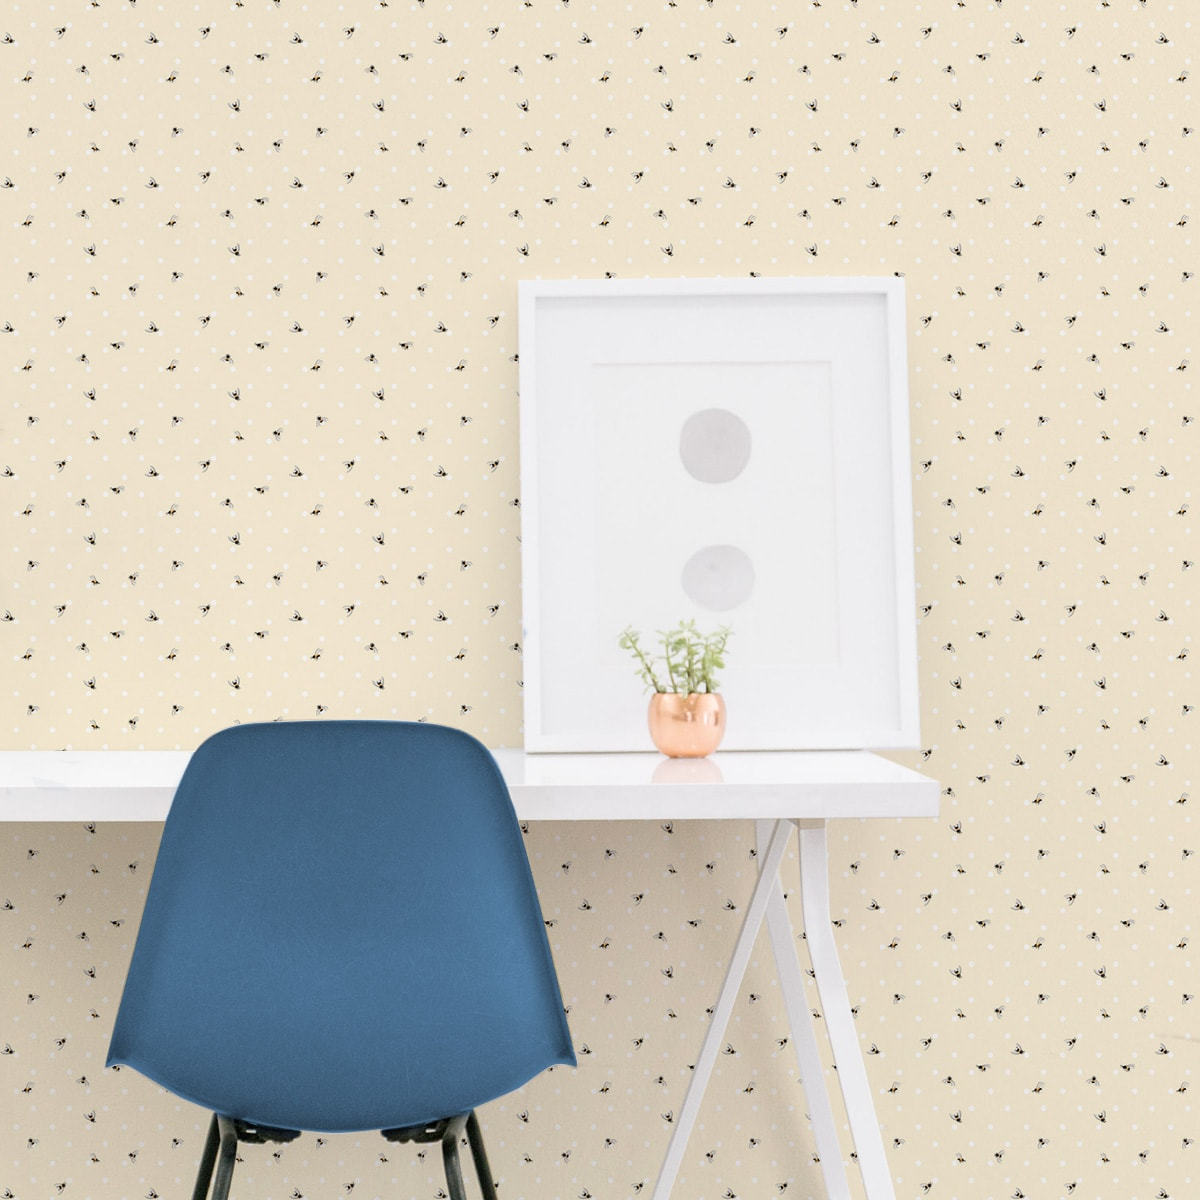 """Tapete für Büroräume gelb: Pünktchen Tapete """"Polka Bee"""" mit Bienen, vanille gelbe schöne Wandtapete für Flur, Büro"""